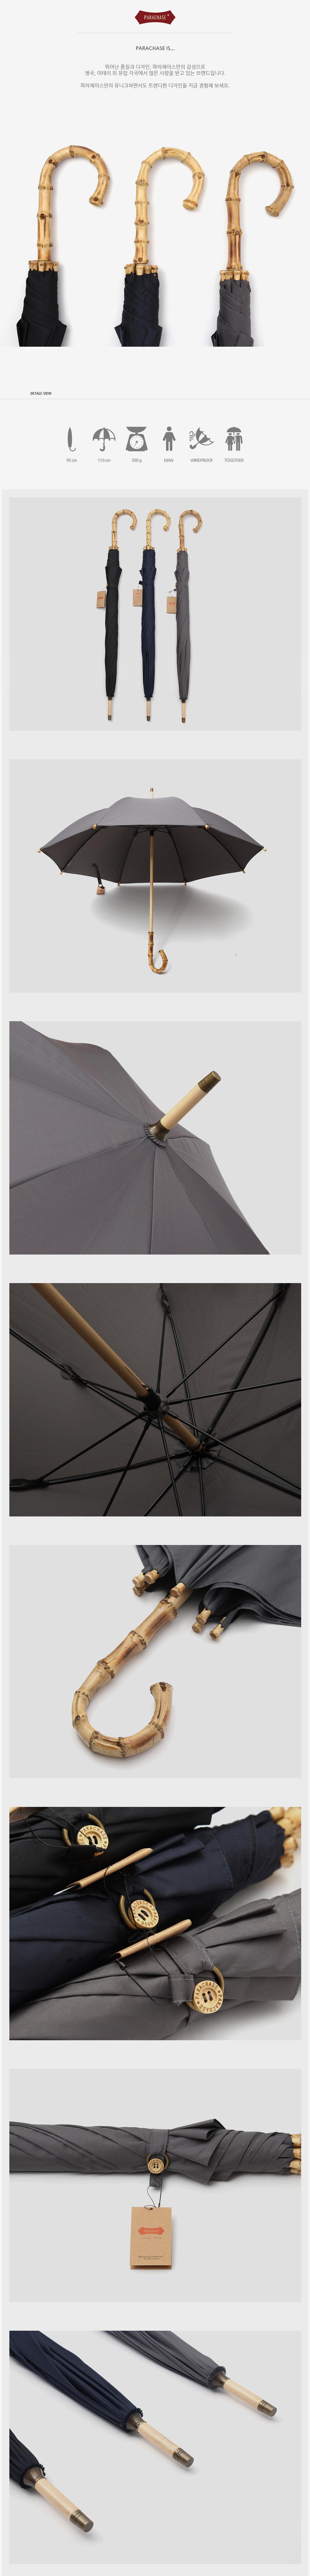 파라체이스(PARACHASE) 7160 프리미엄 수제 대나무 그립 클래식 장우산